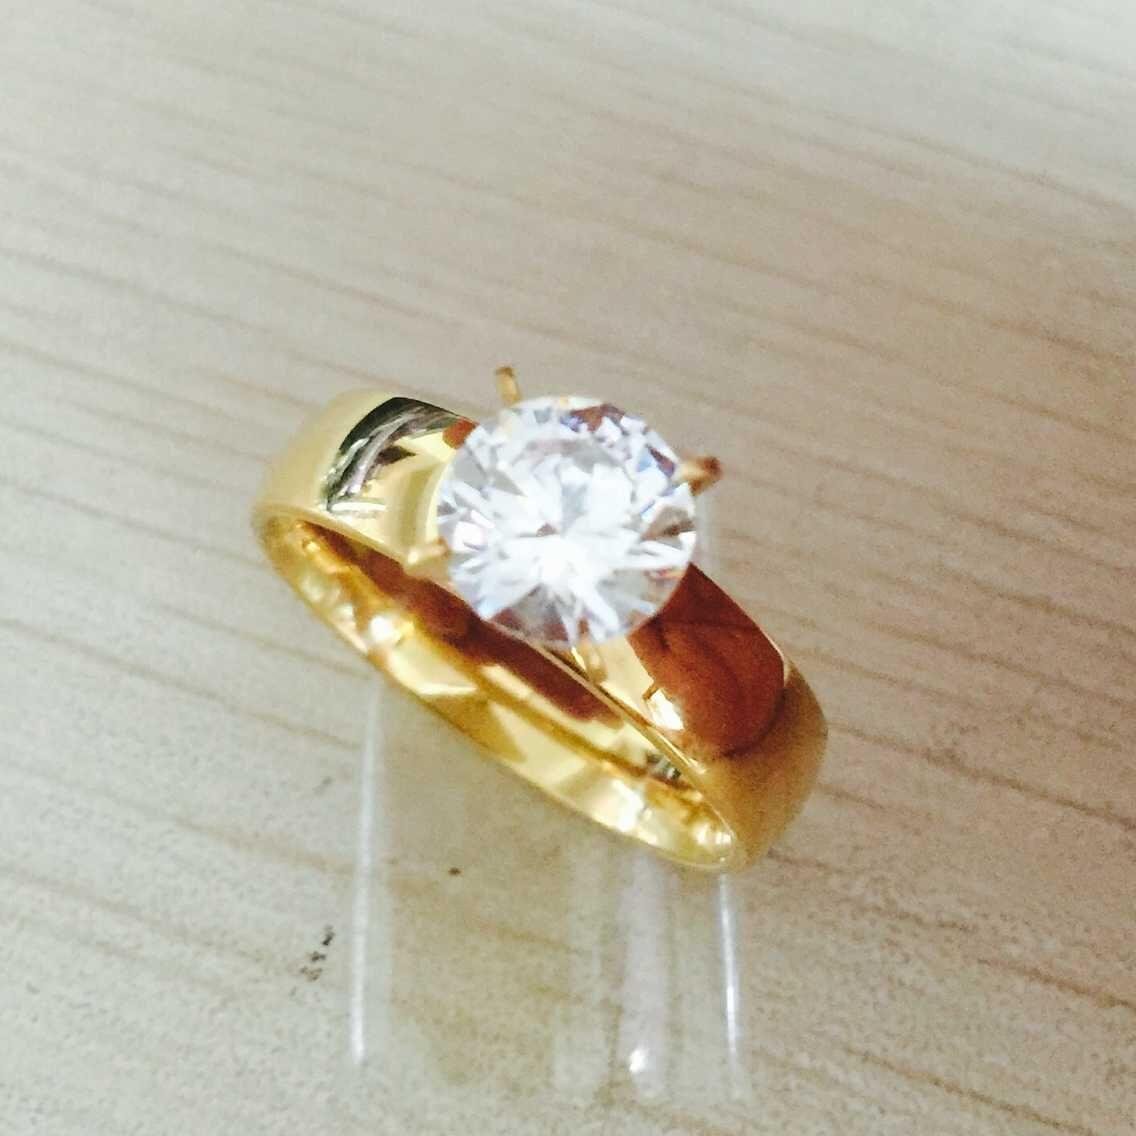 Grande zircão CZ diamante 18 k banhado a ouro anéis de dedo de aço inoxidável 316L casamento mulheres homens jóias lotes por atacado